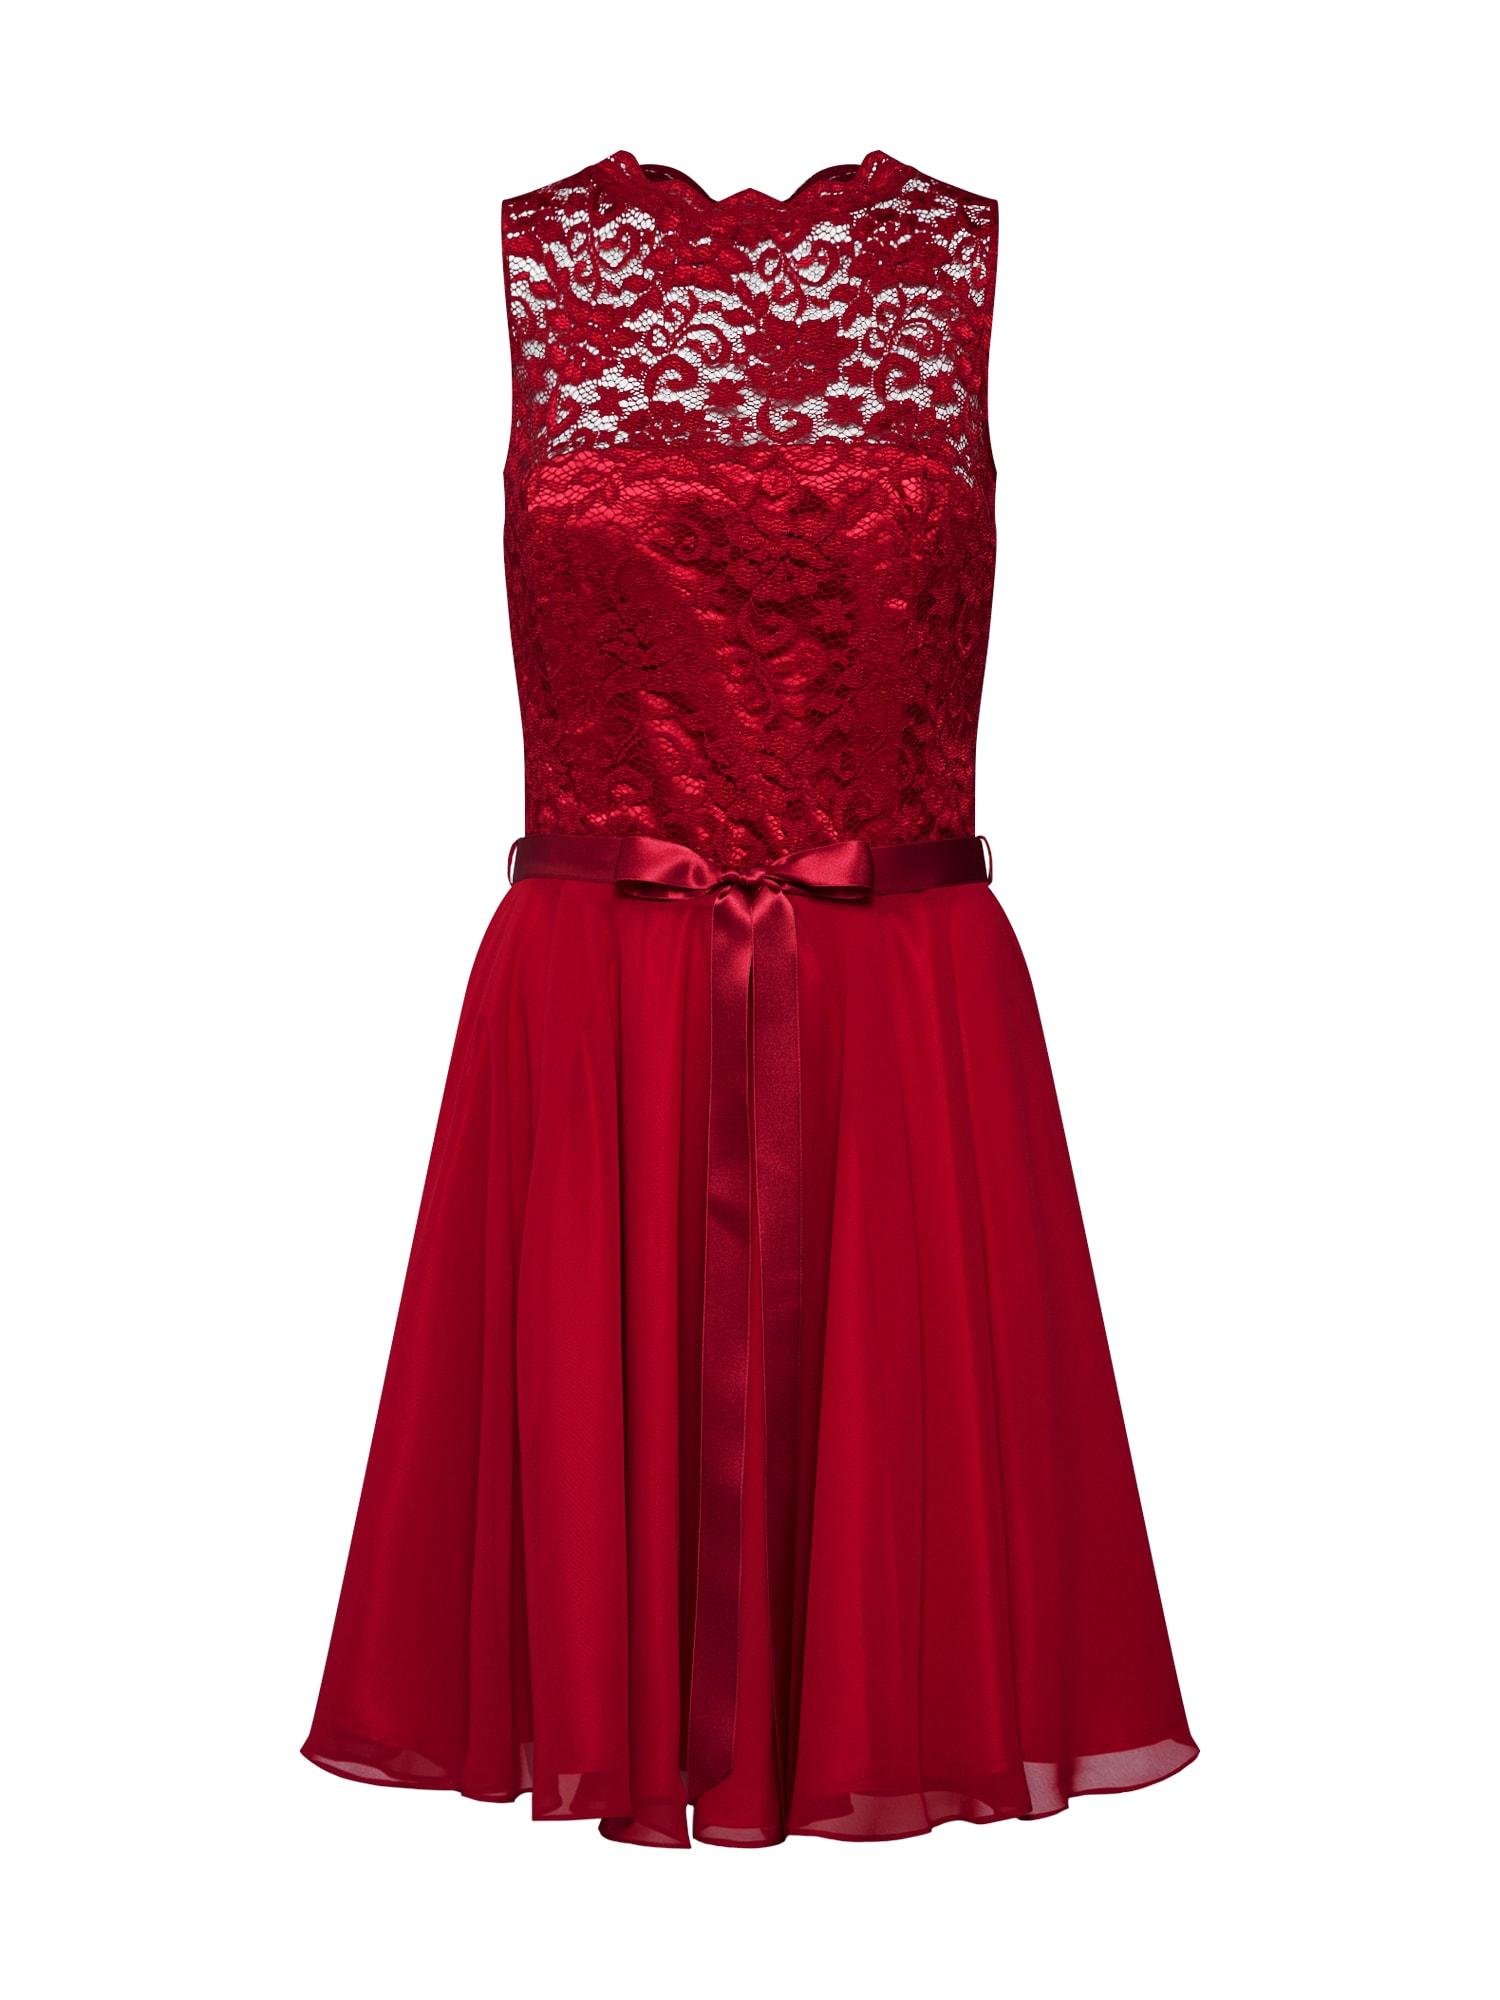 SWING Kokteilinė suknelė vyno raudona spalva